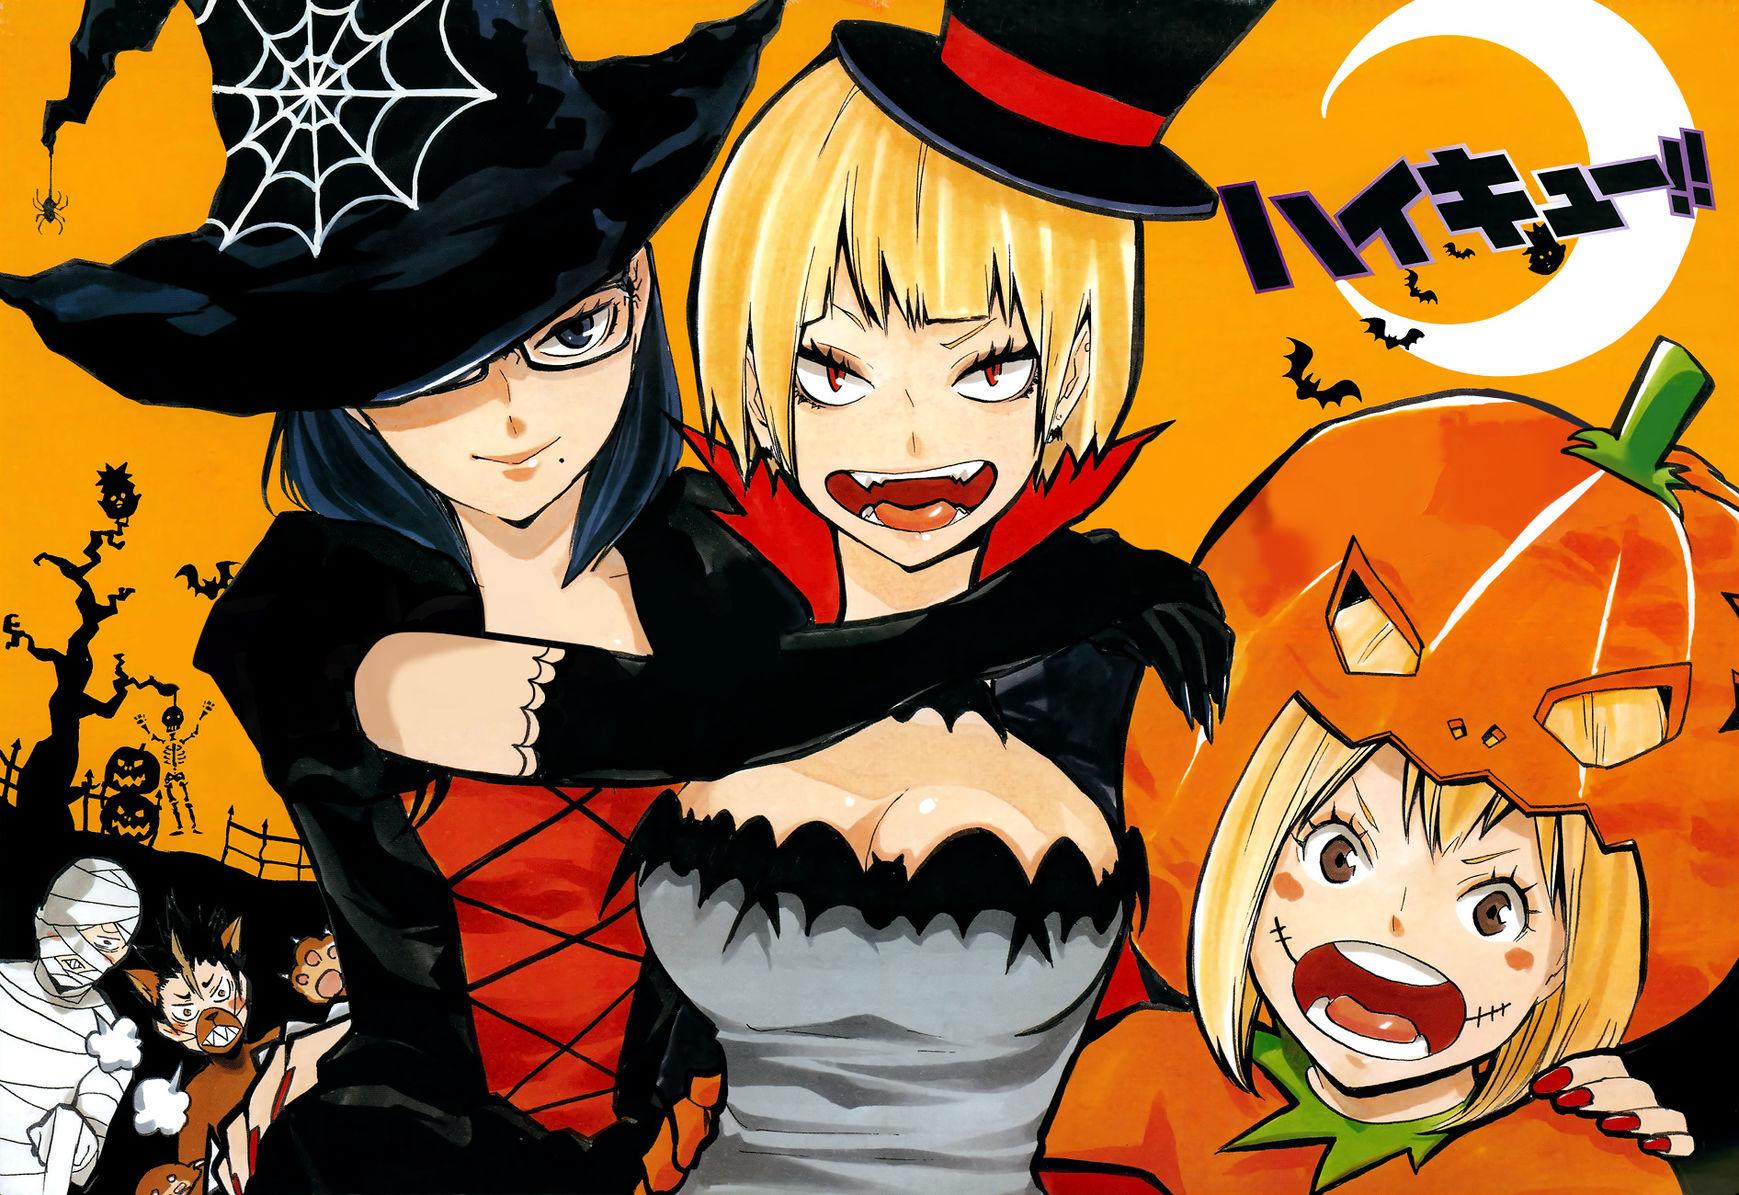 https://c5.ninemanga.com/es_manga/10/10/190168/fee1fd1f21232c5940af7cee262ef273.jpg Page 3